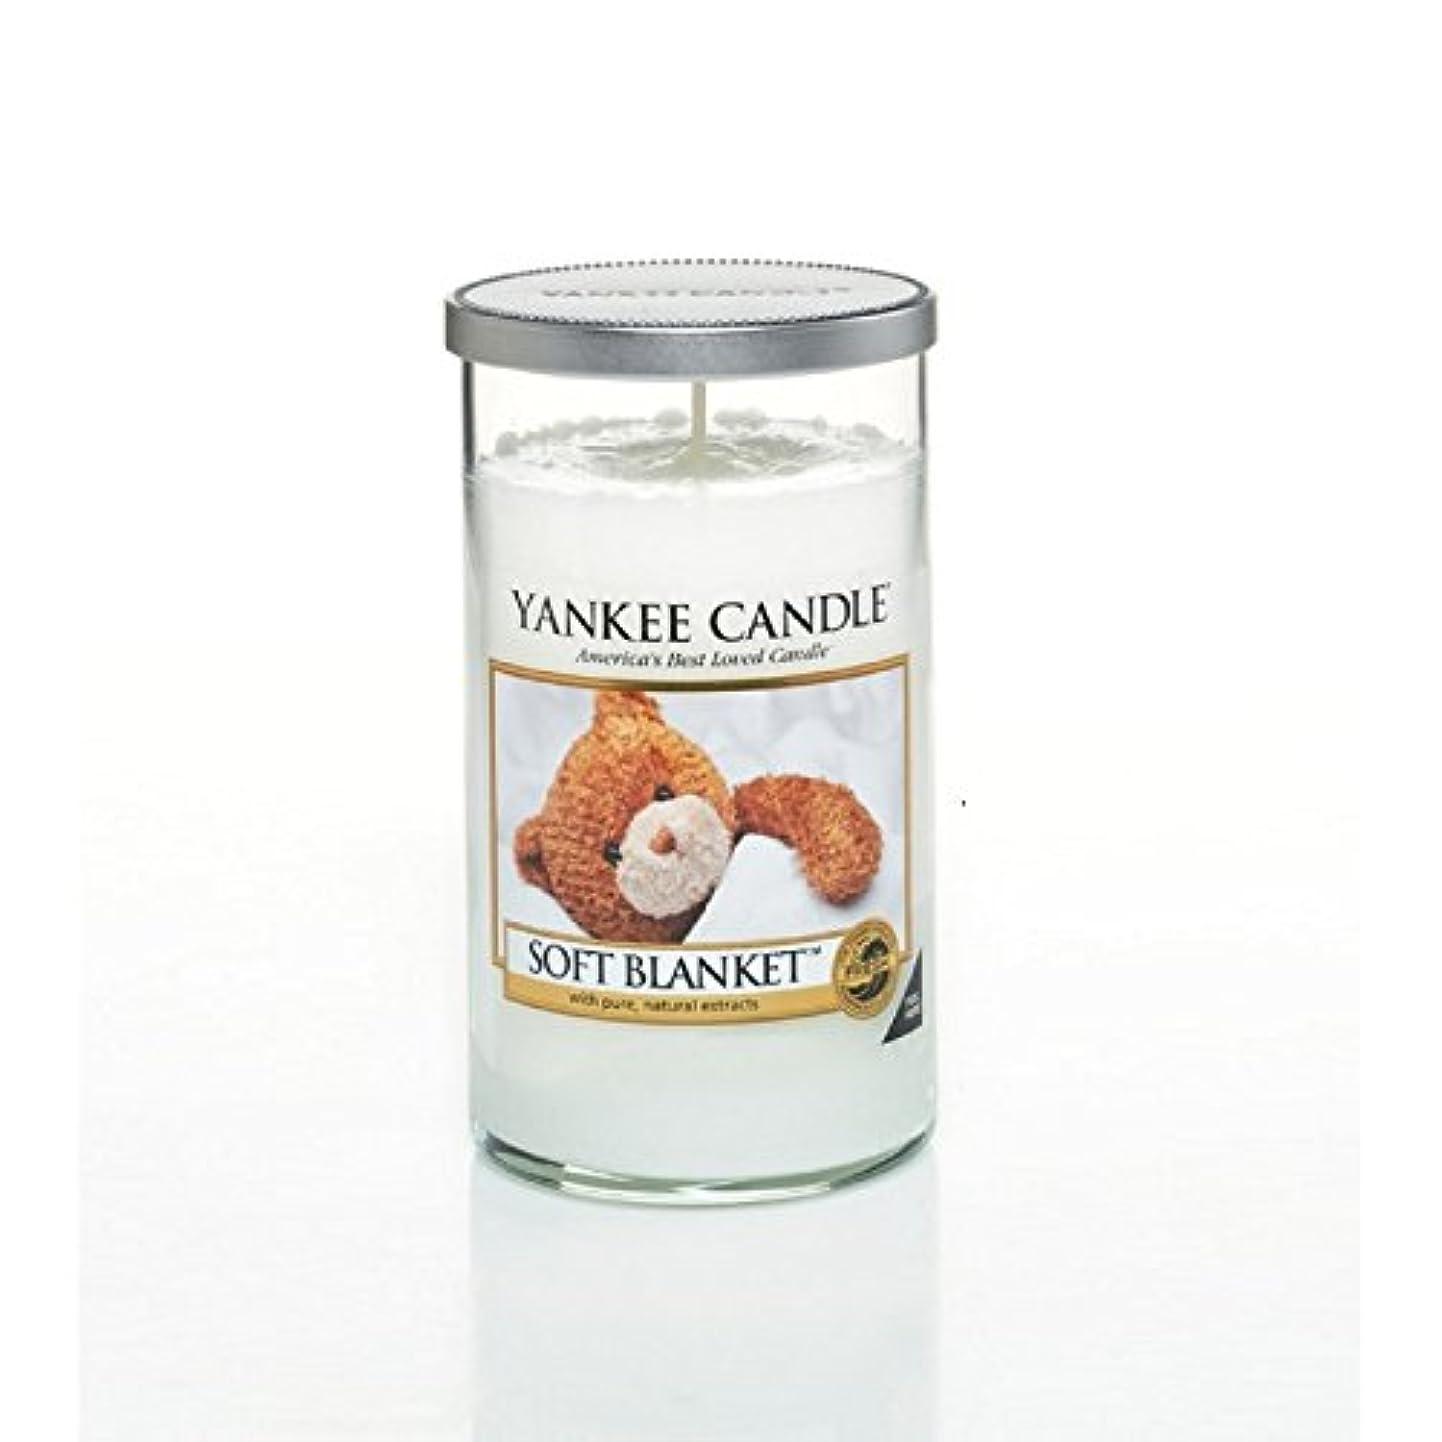 推進力うそつき会計士ヤンキーキャンドルメディアピラーキャンドル - ソフト毛布 - Yankee Candles Medium Pillar Candle - Soft Blanket (Yankee Candles) [並行輸入品]